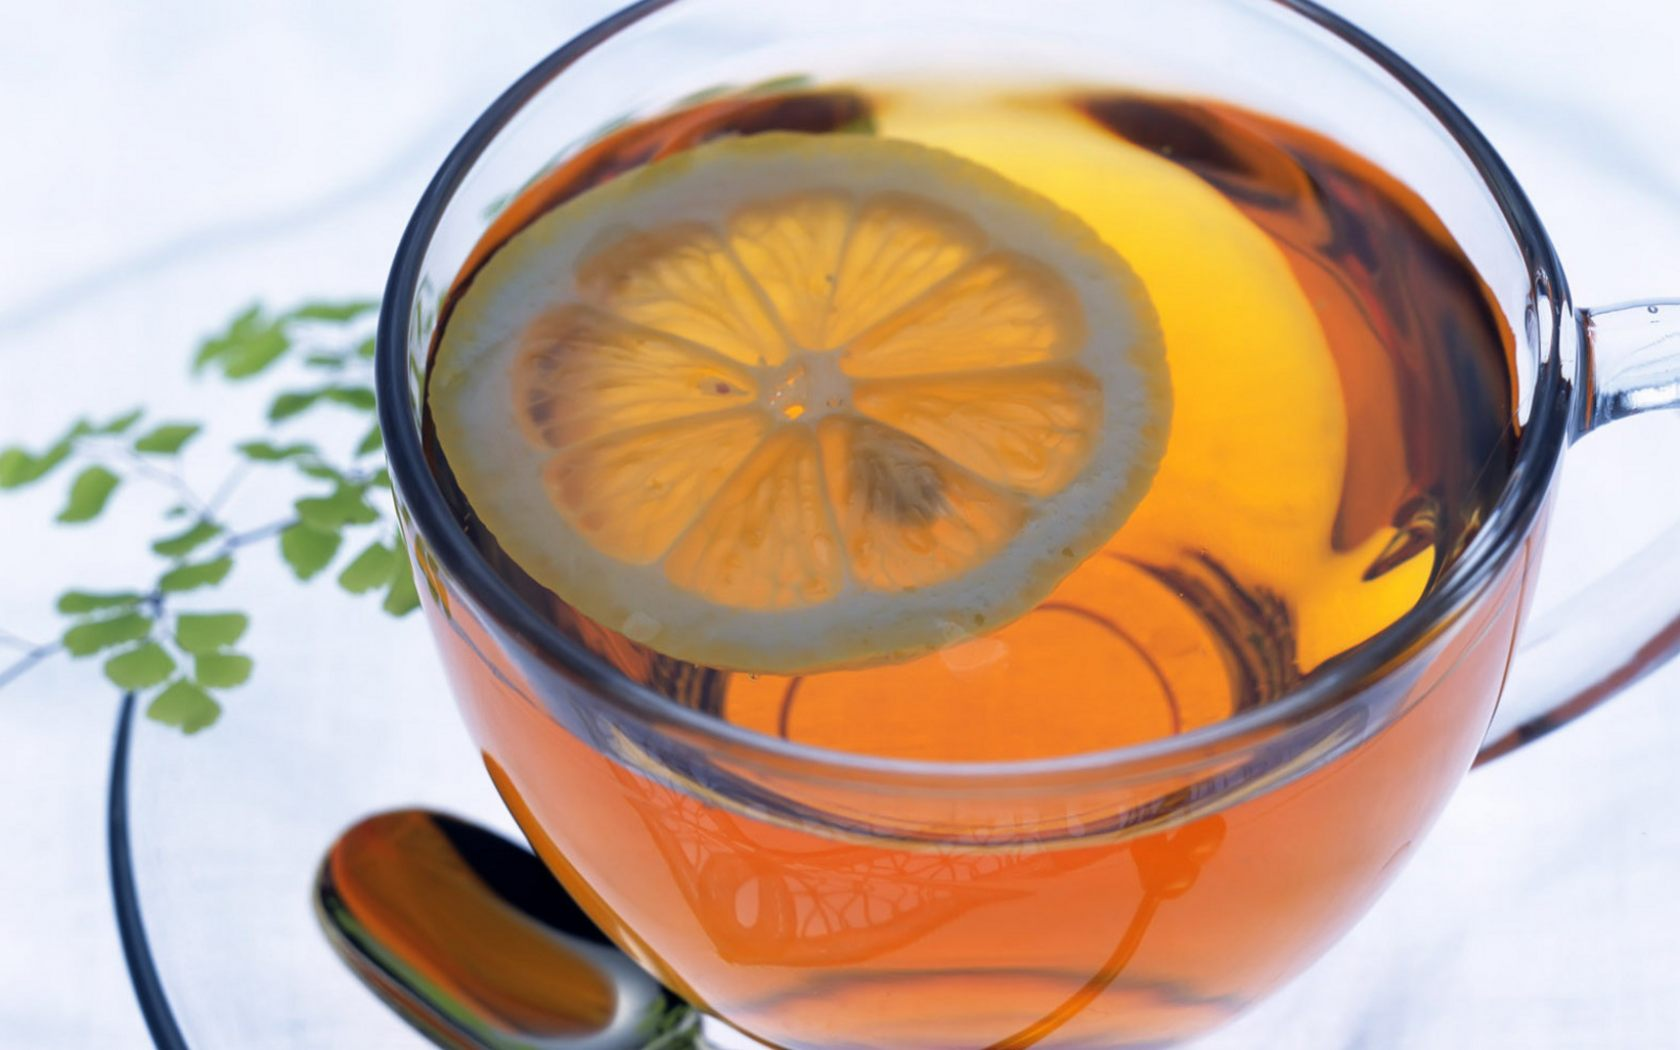 Ароматизированный чай может нанести вред здоровью